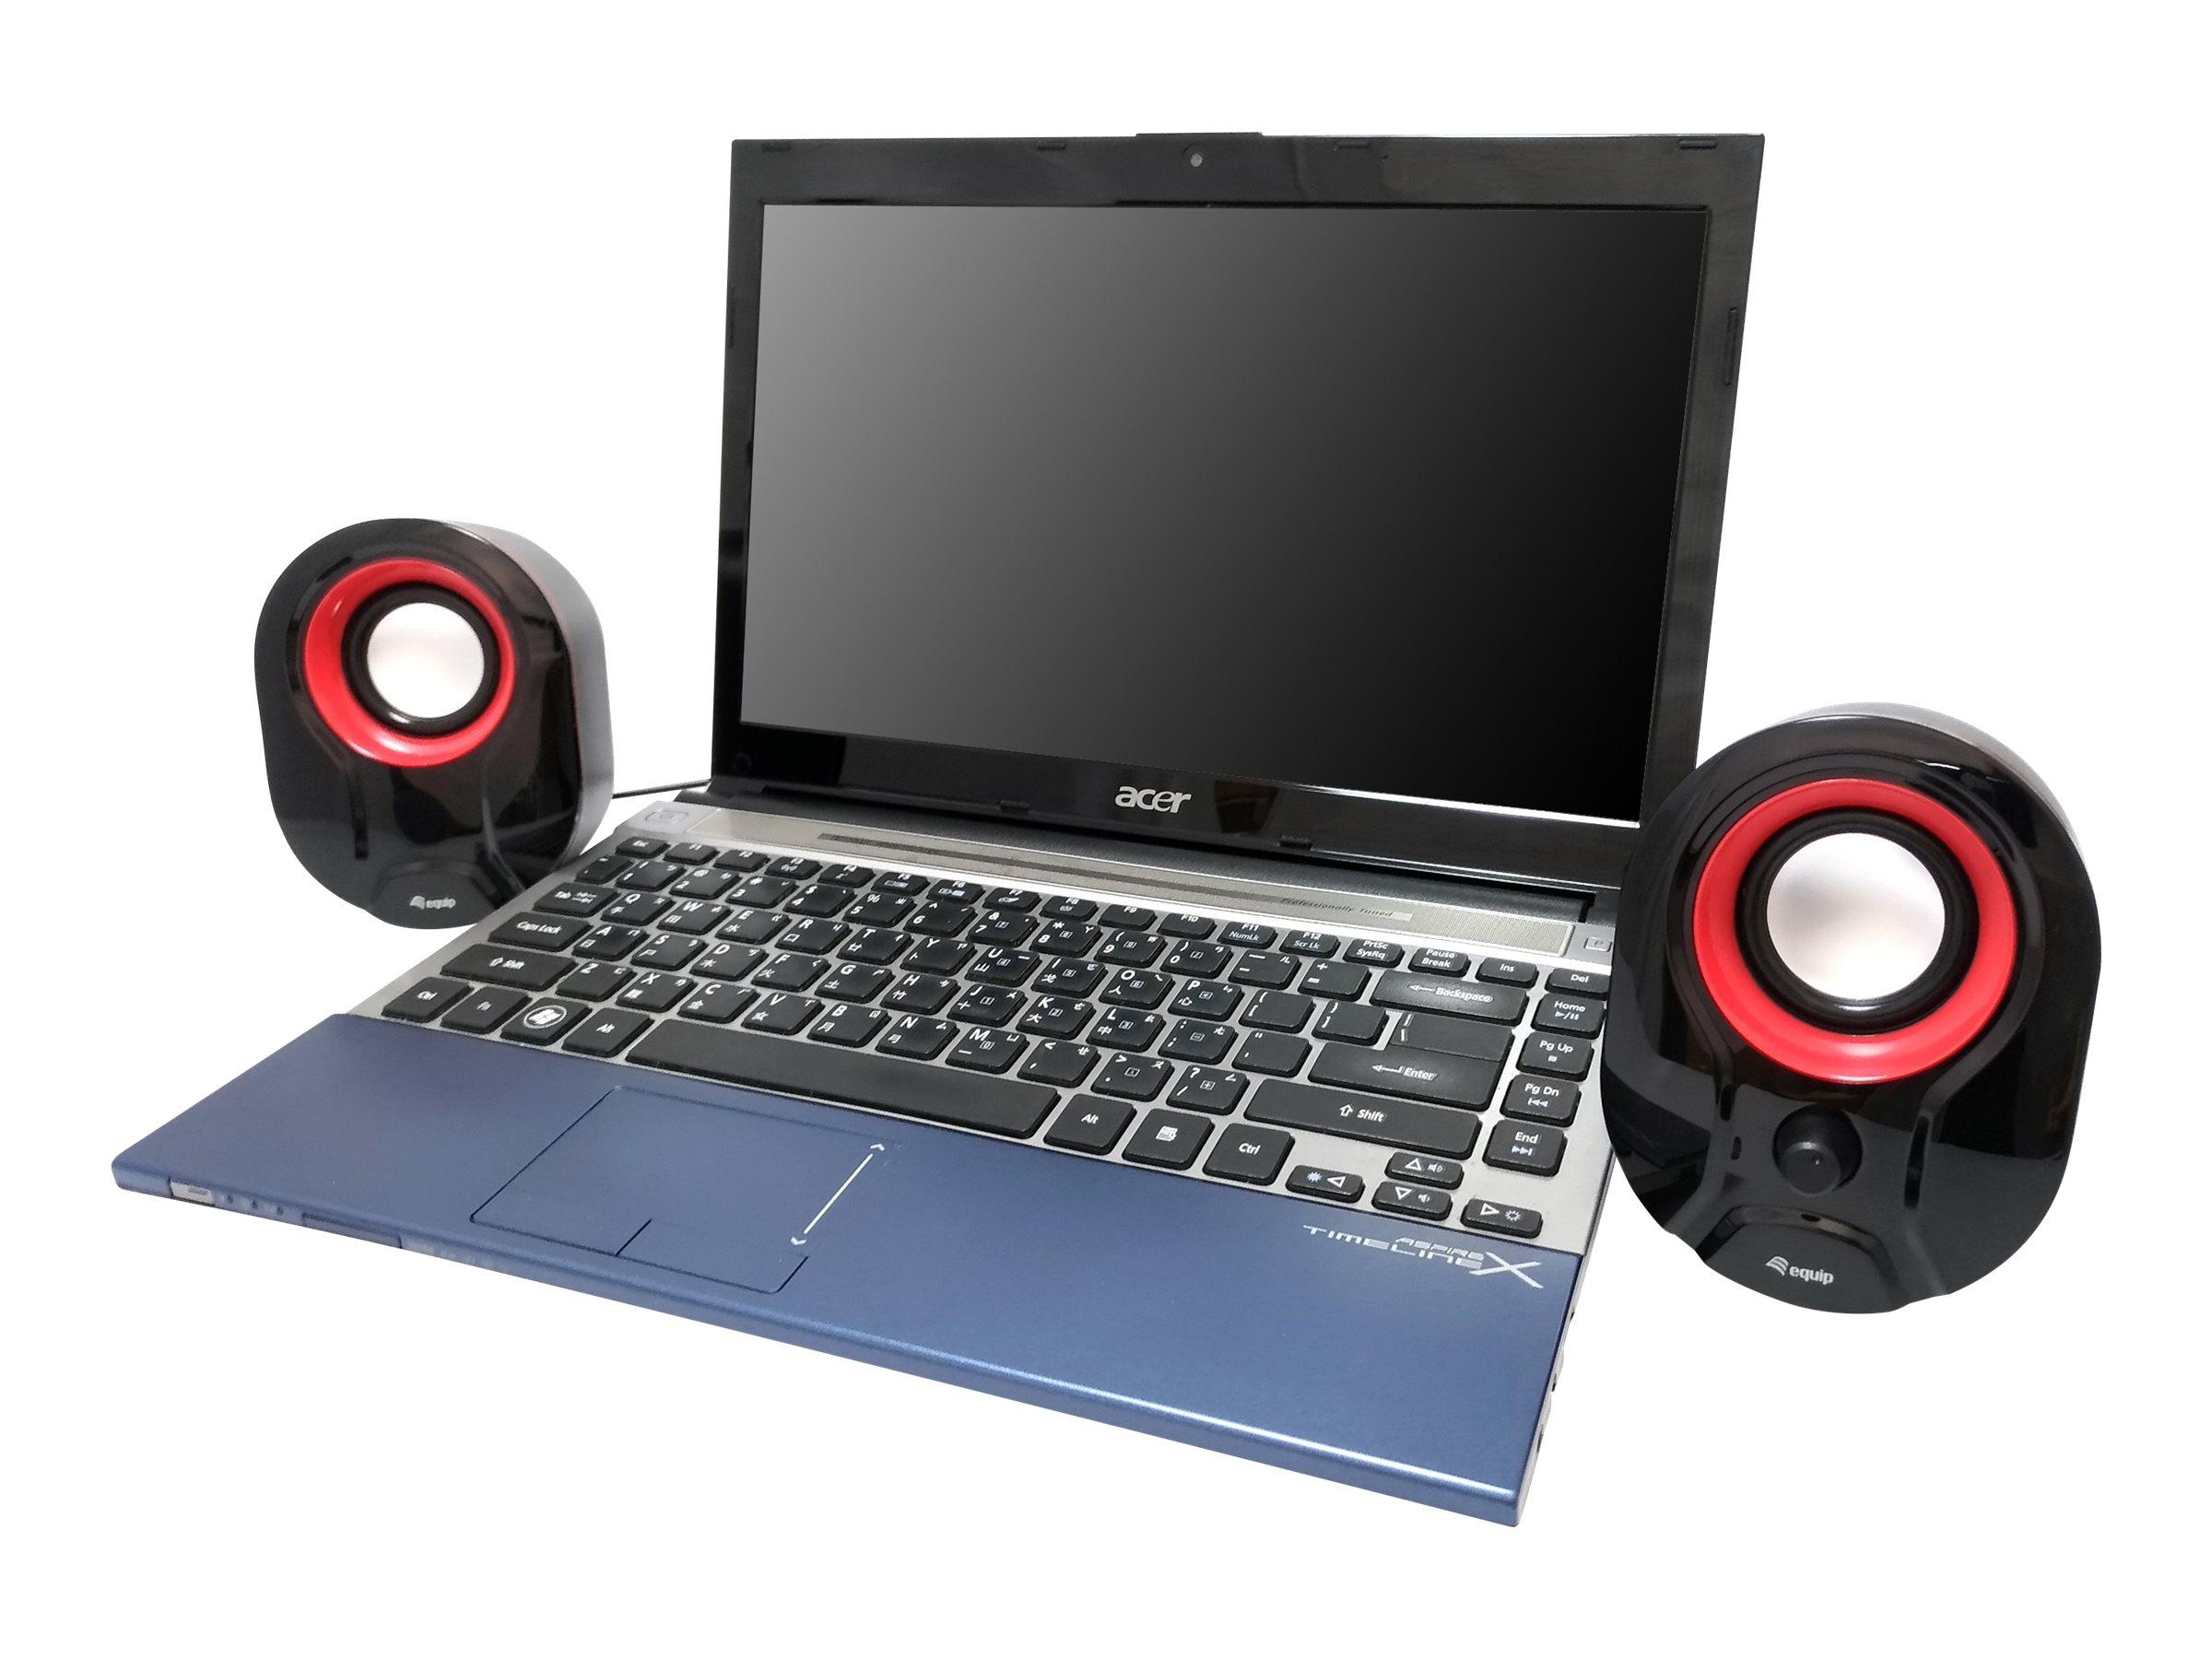 equip Stereo 2.0 - Lautsprecher - für PC - 3 Watt